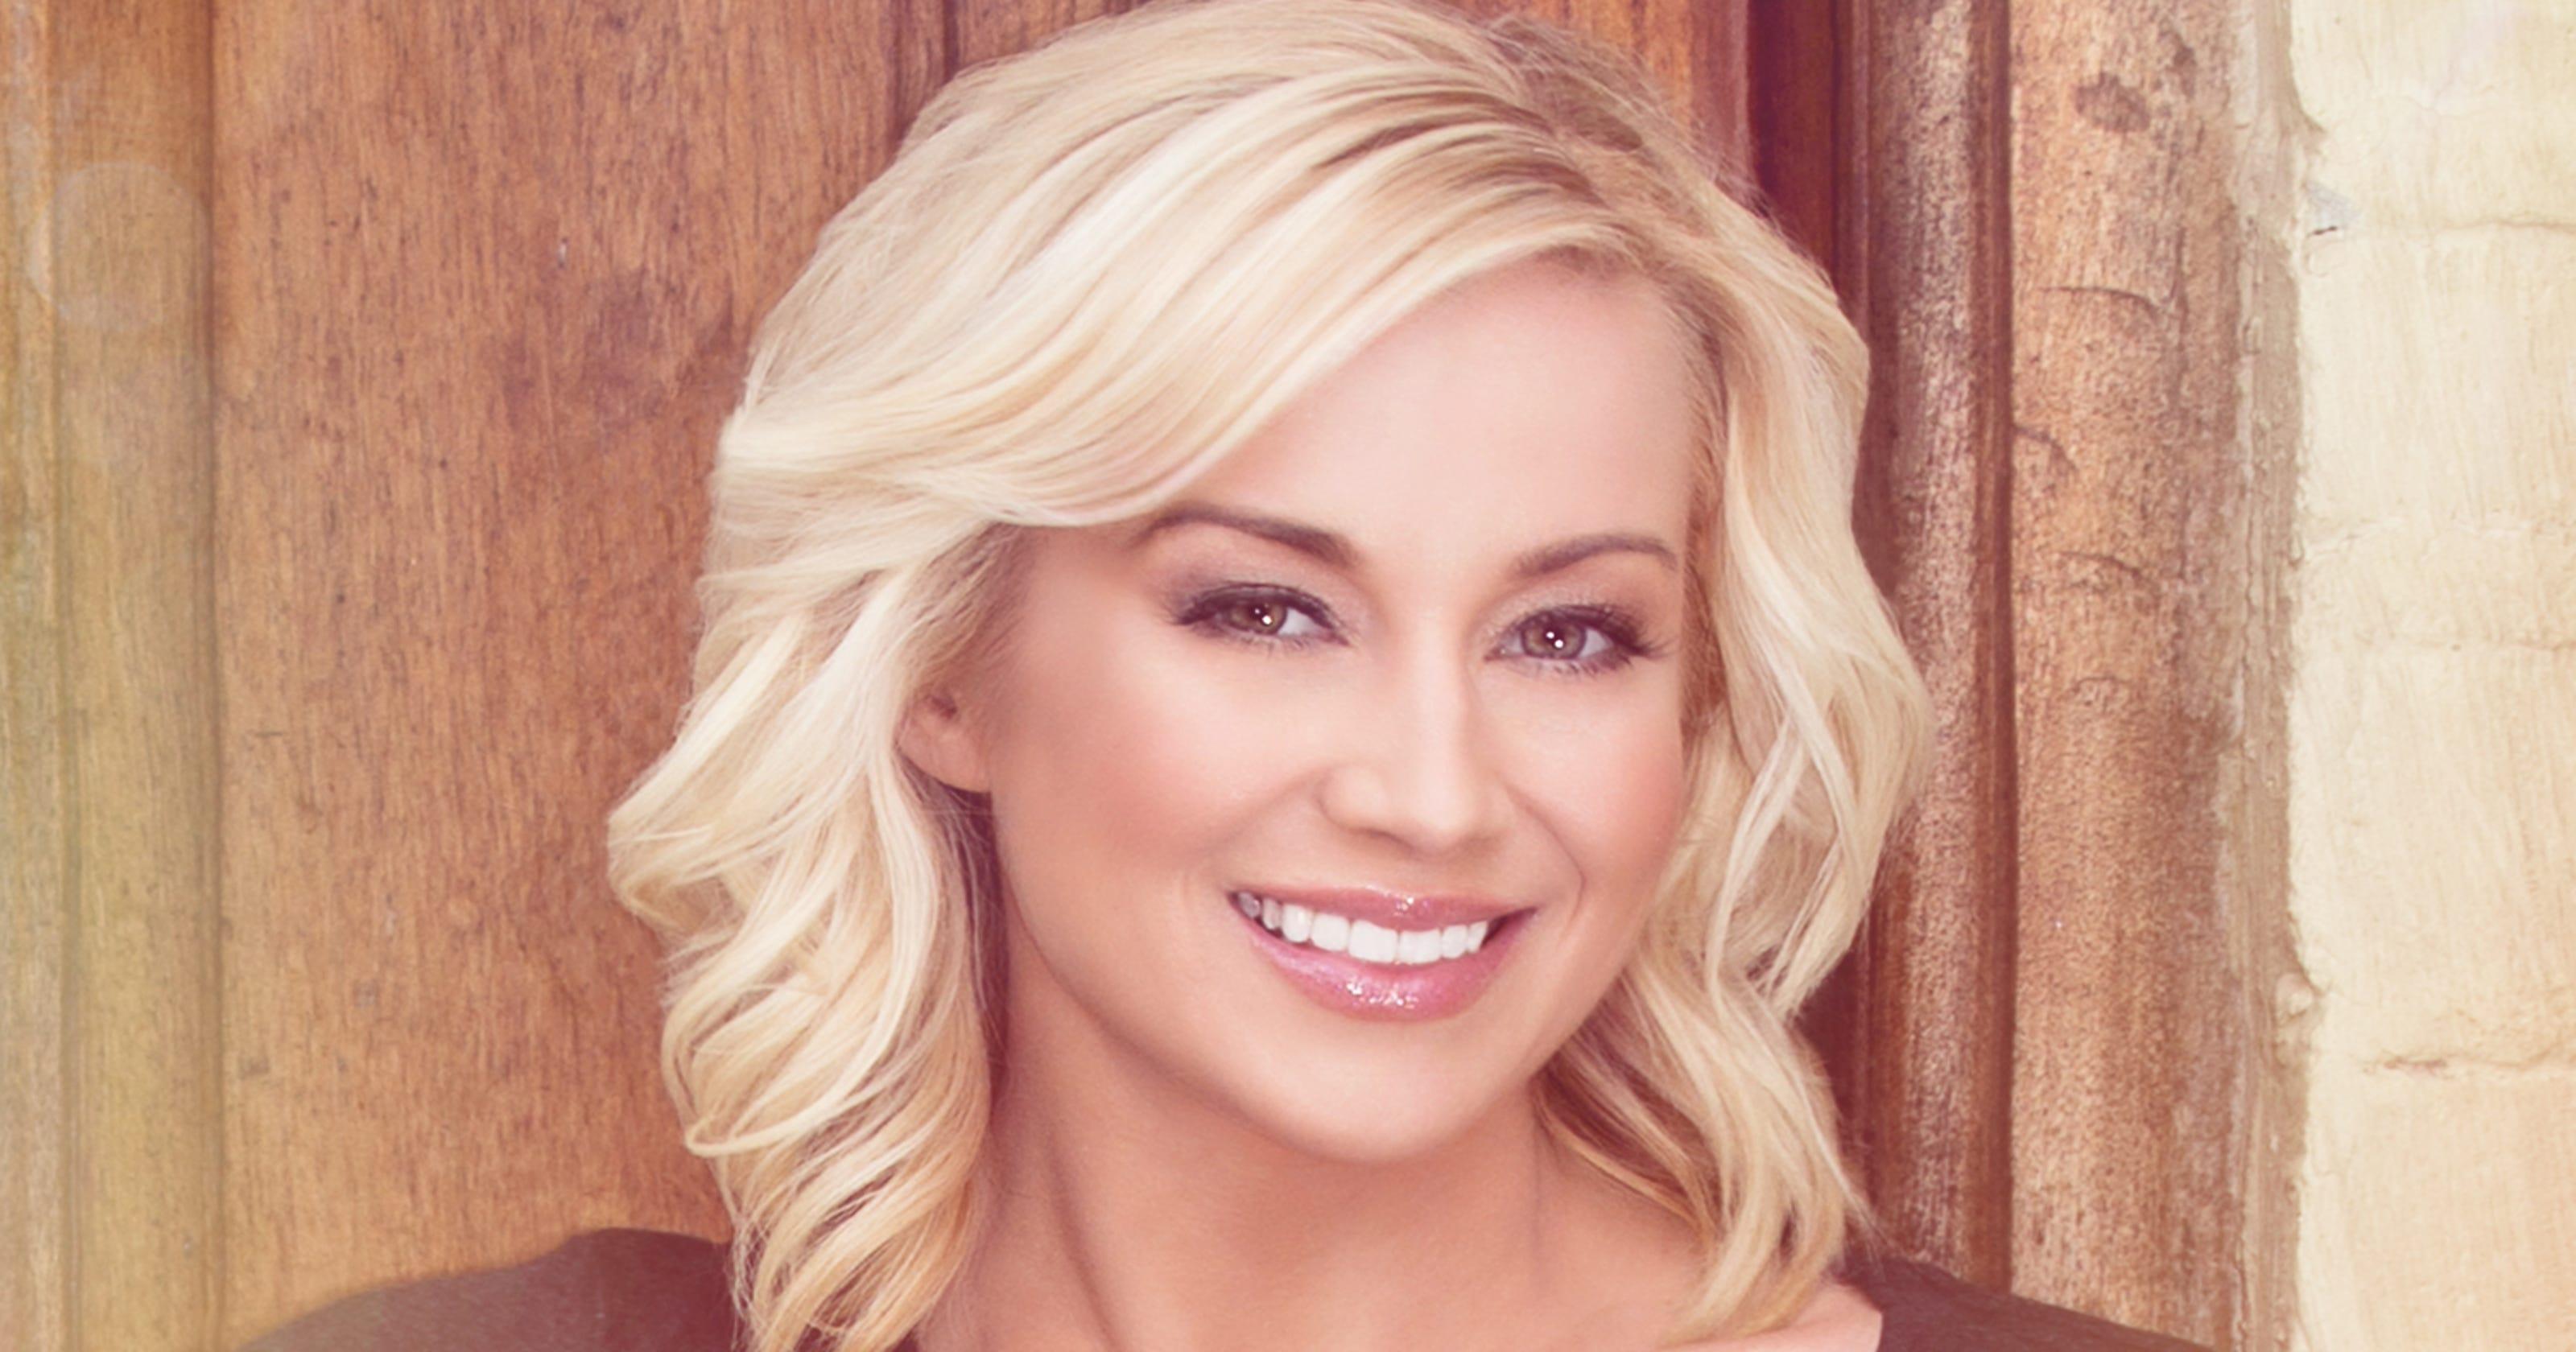 Country singer Kellie Pickler to perform concert in Bonita Springs